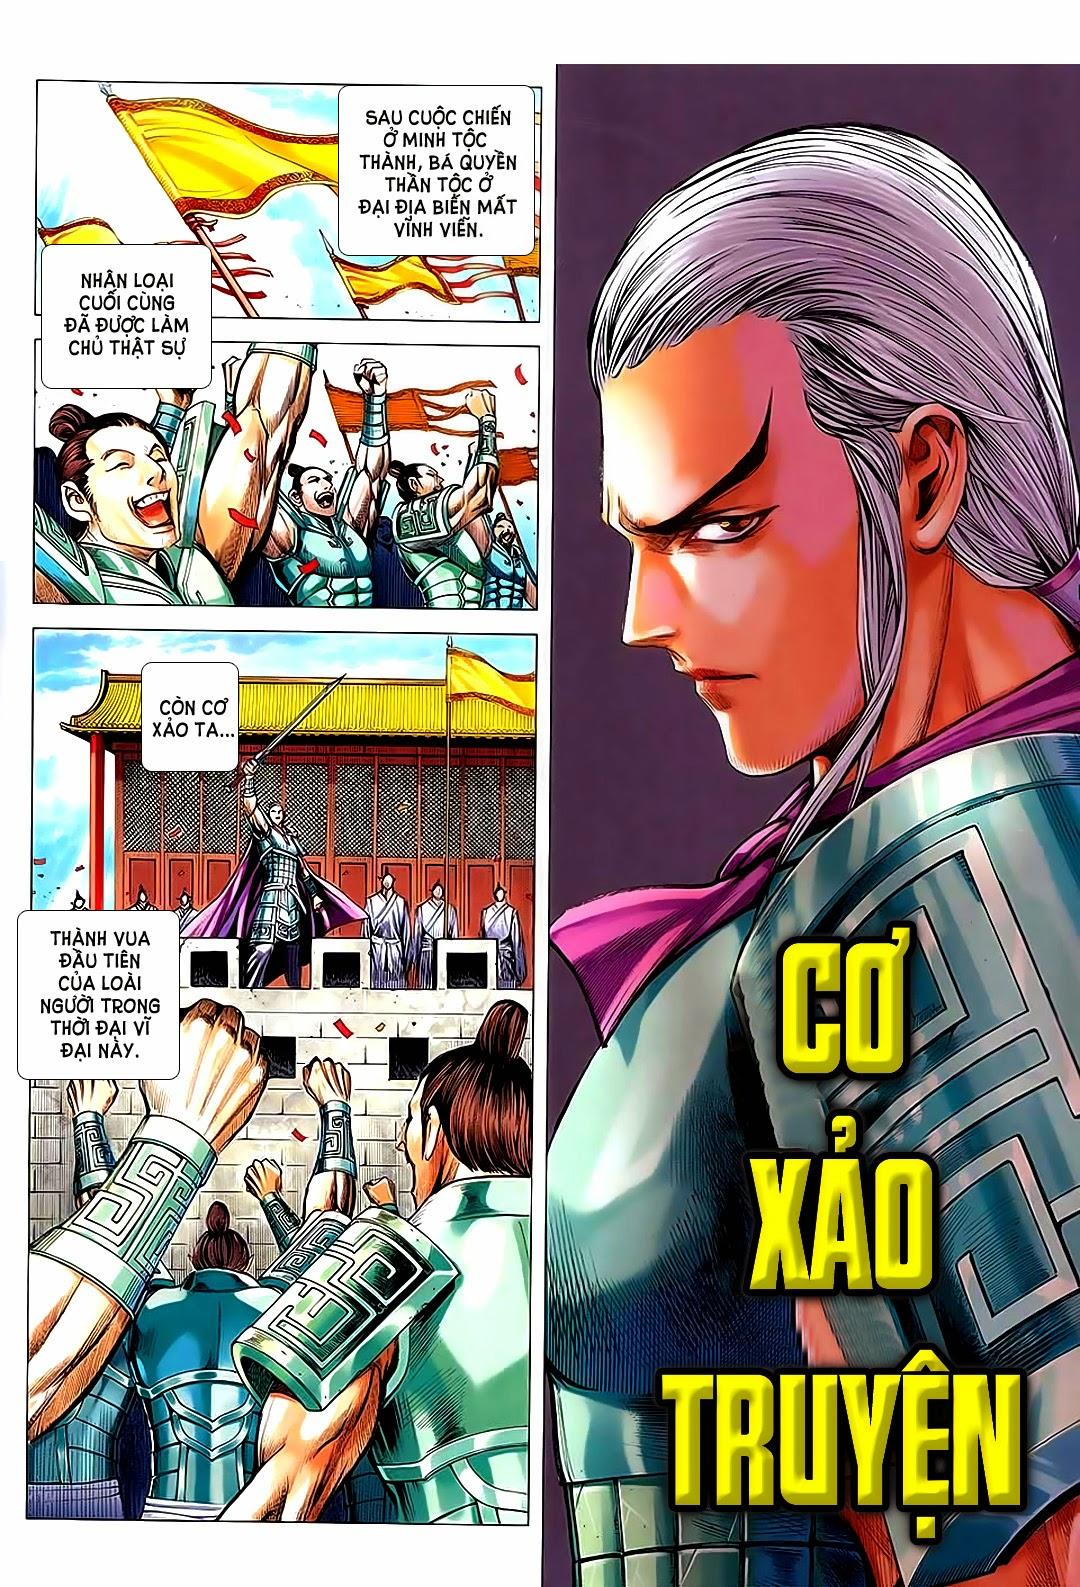 Phong Thần Ký chap 182 – End Trang 2 - Mangak.info